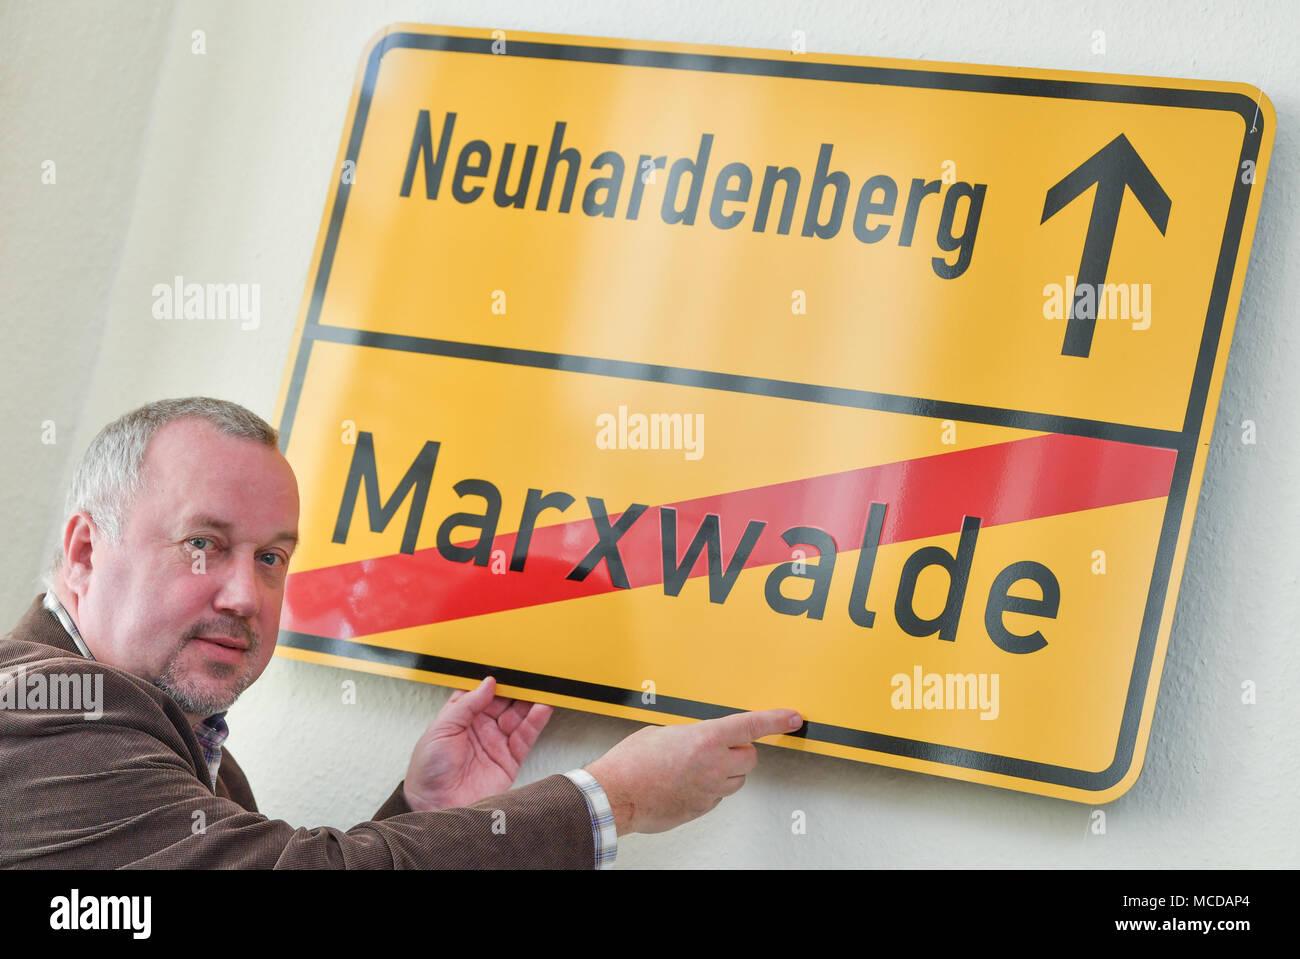 """10 avril 2018, l'Allemagne, Neuhardenberg: Dietmar Zimmermann, président de l'association du patrimoine local """"Heimatverein Neuhardenberg e.V.' met un panneau routier qui indique 'Neuhardenberg - Marxwalde' sur le mur de la musée du patrimoine local. La ville a été précédemment connu comme Marxwalde allemand après le philosophe, économiste et théoricien social Karl Marx (05 mai, 1818 - 14 mars, 1883) au cours de l'ère de la RDA et renommé à Neuhardenberg après la chute du Mur de Berlin. Photo: Patrick Pleul/dpa-Zentralbild/dpa Banque D'Images"""